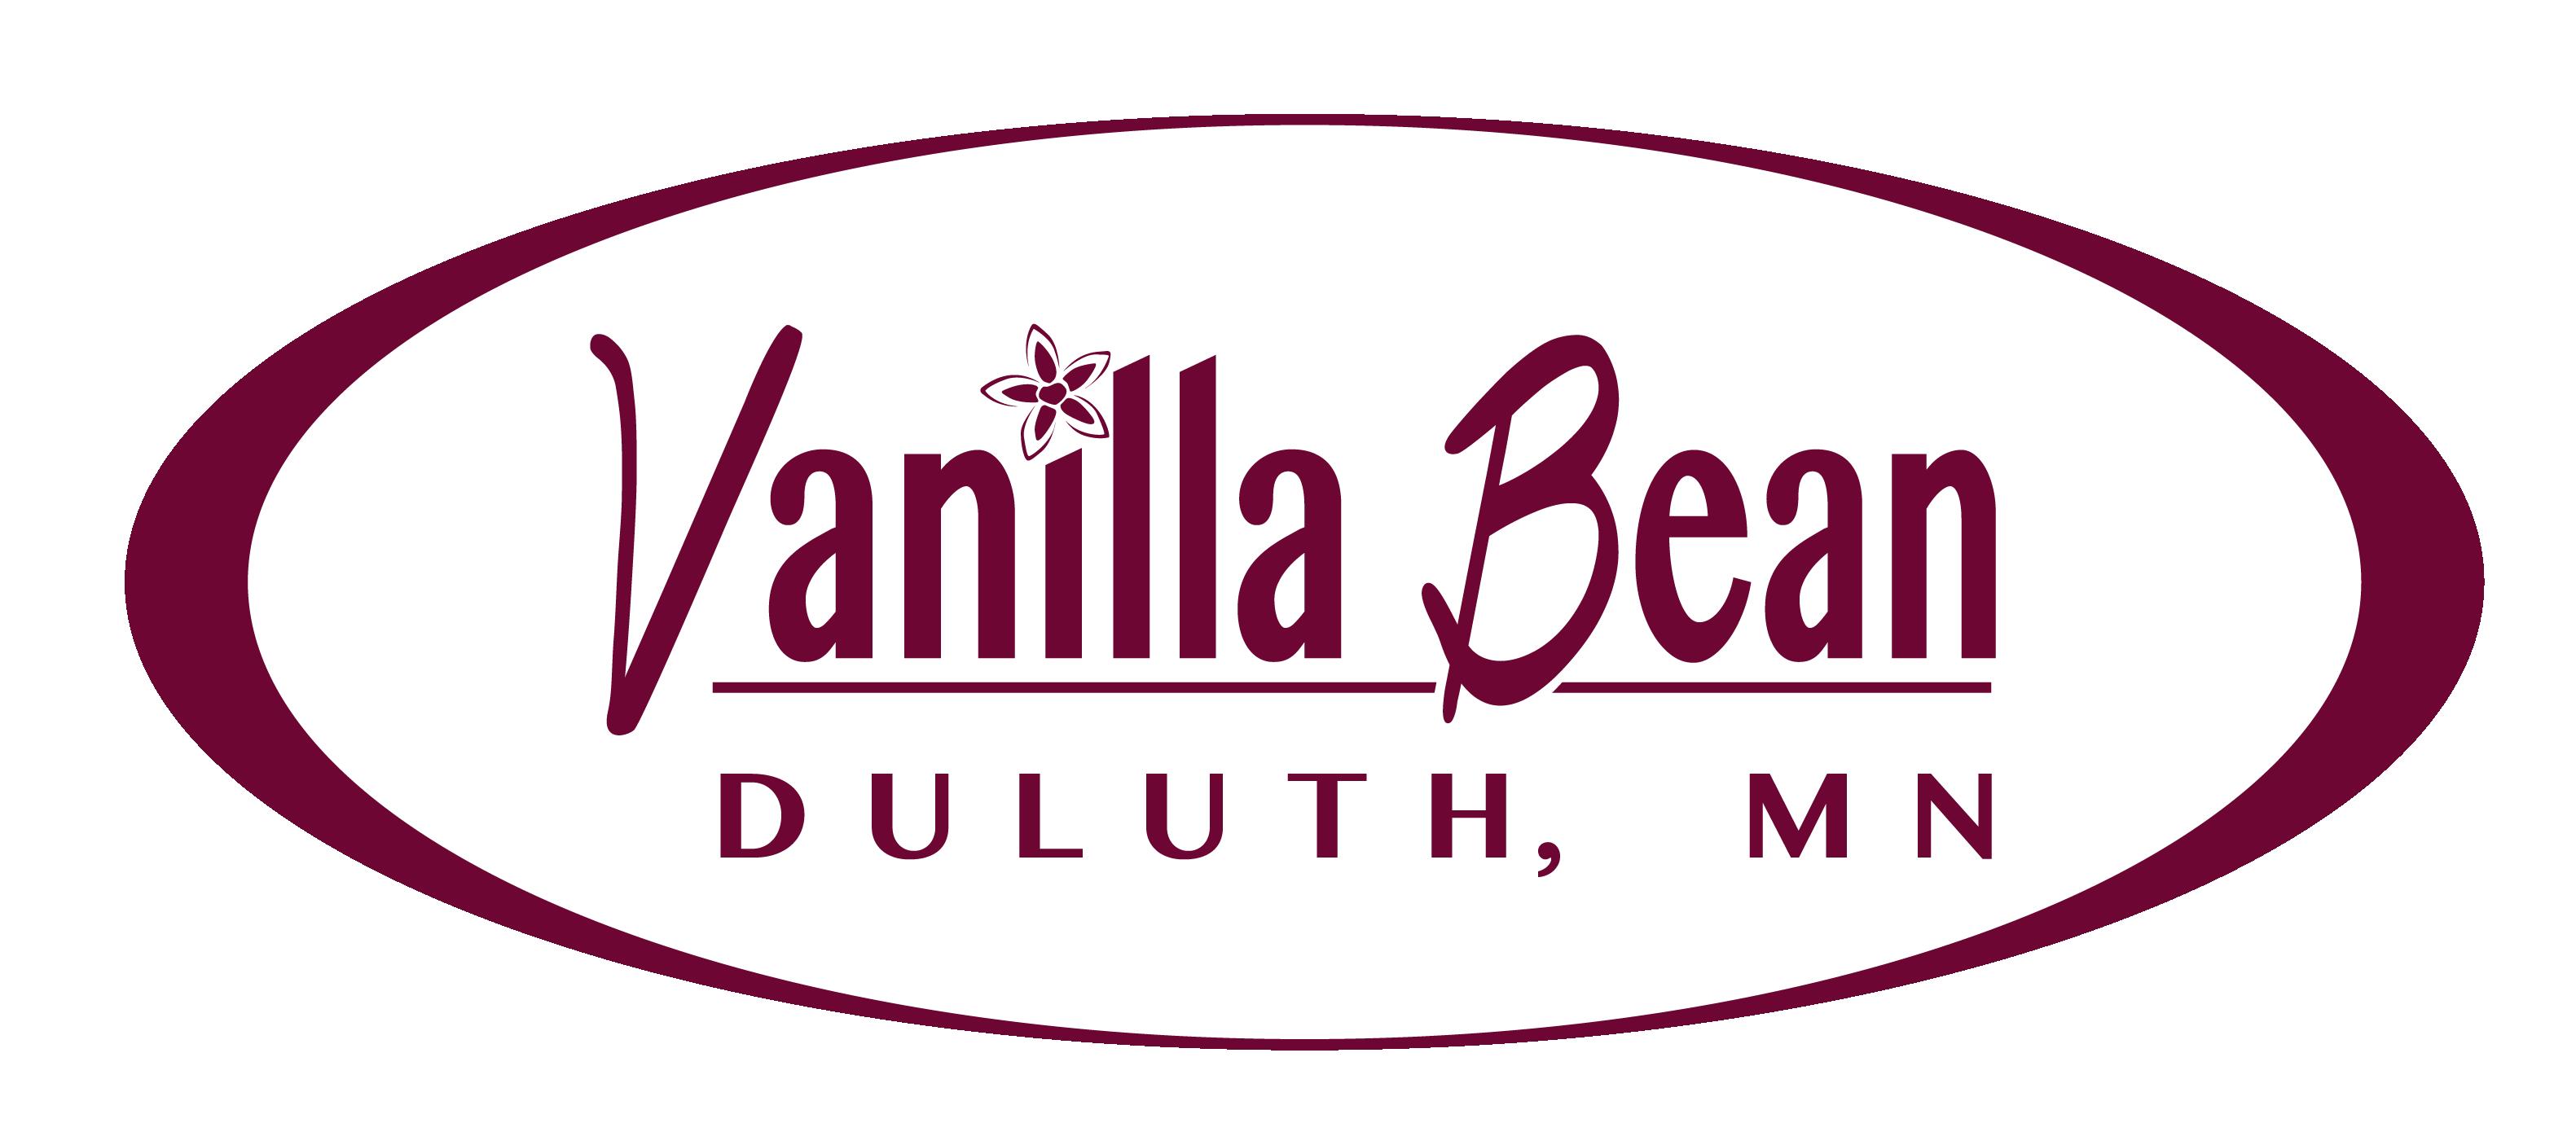 Duluth Brunch Menu - Vanilla Bean Restaurant Duluth